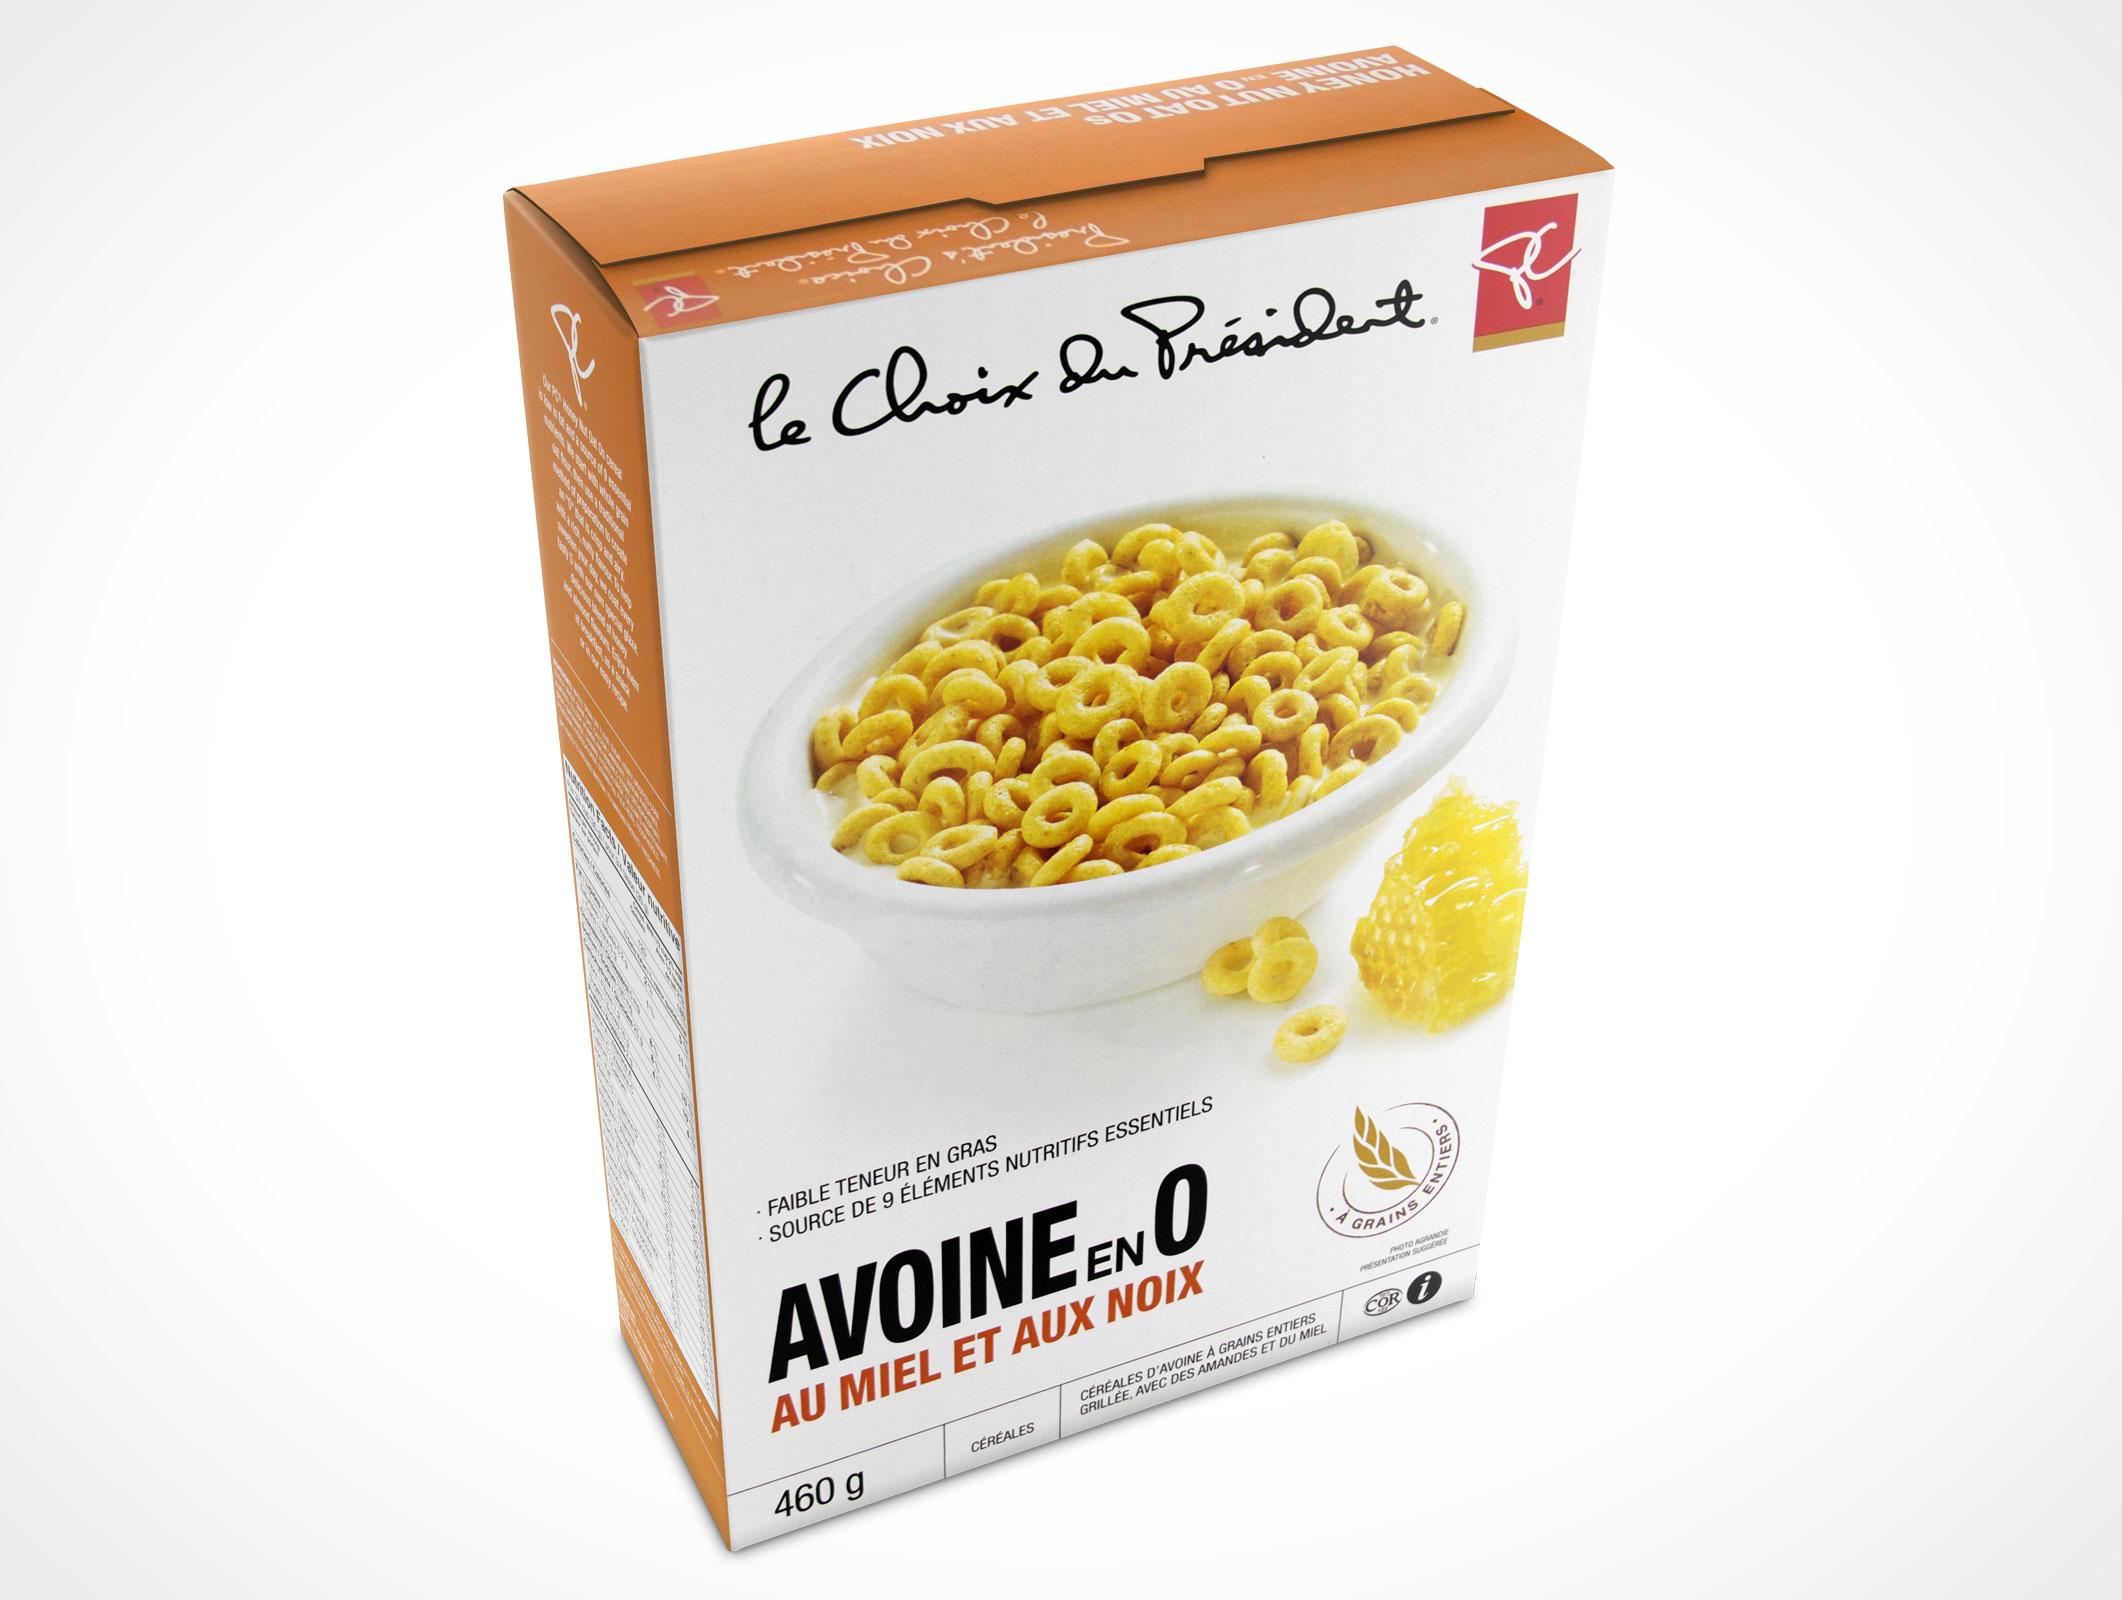 BOX004r